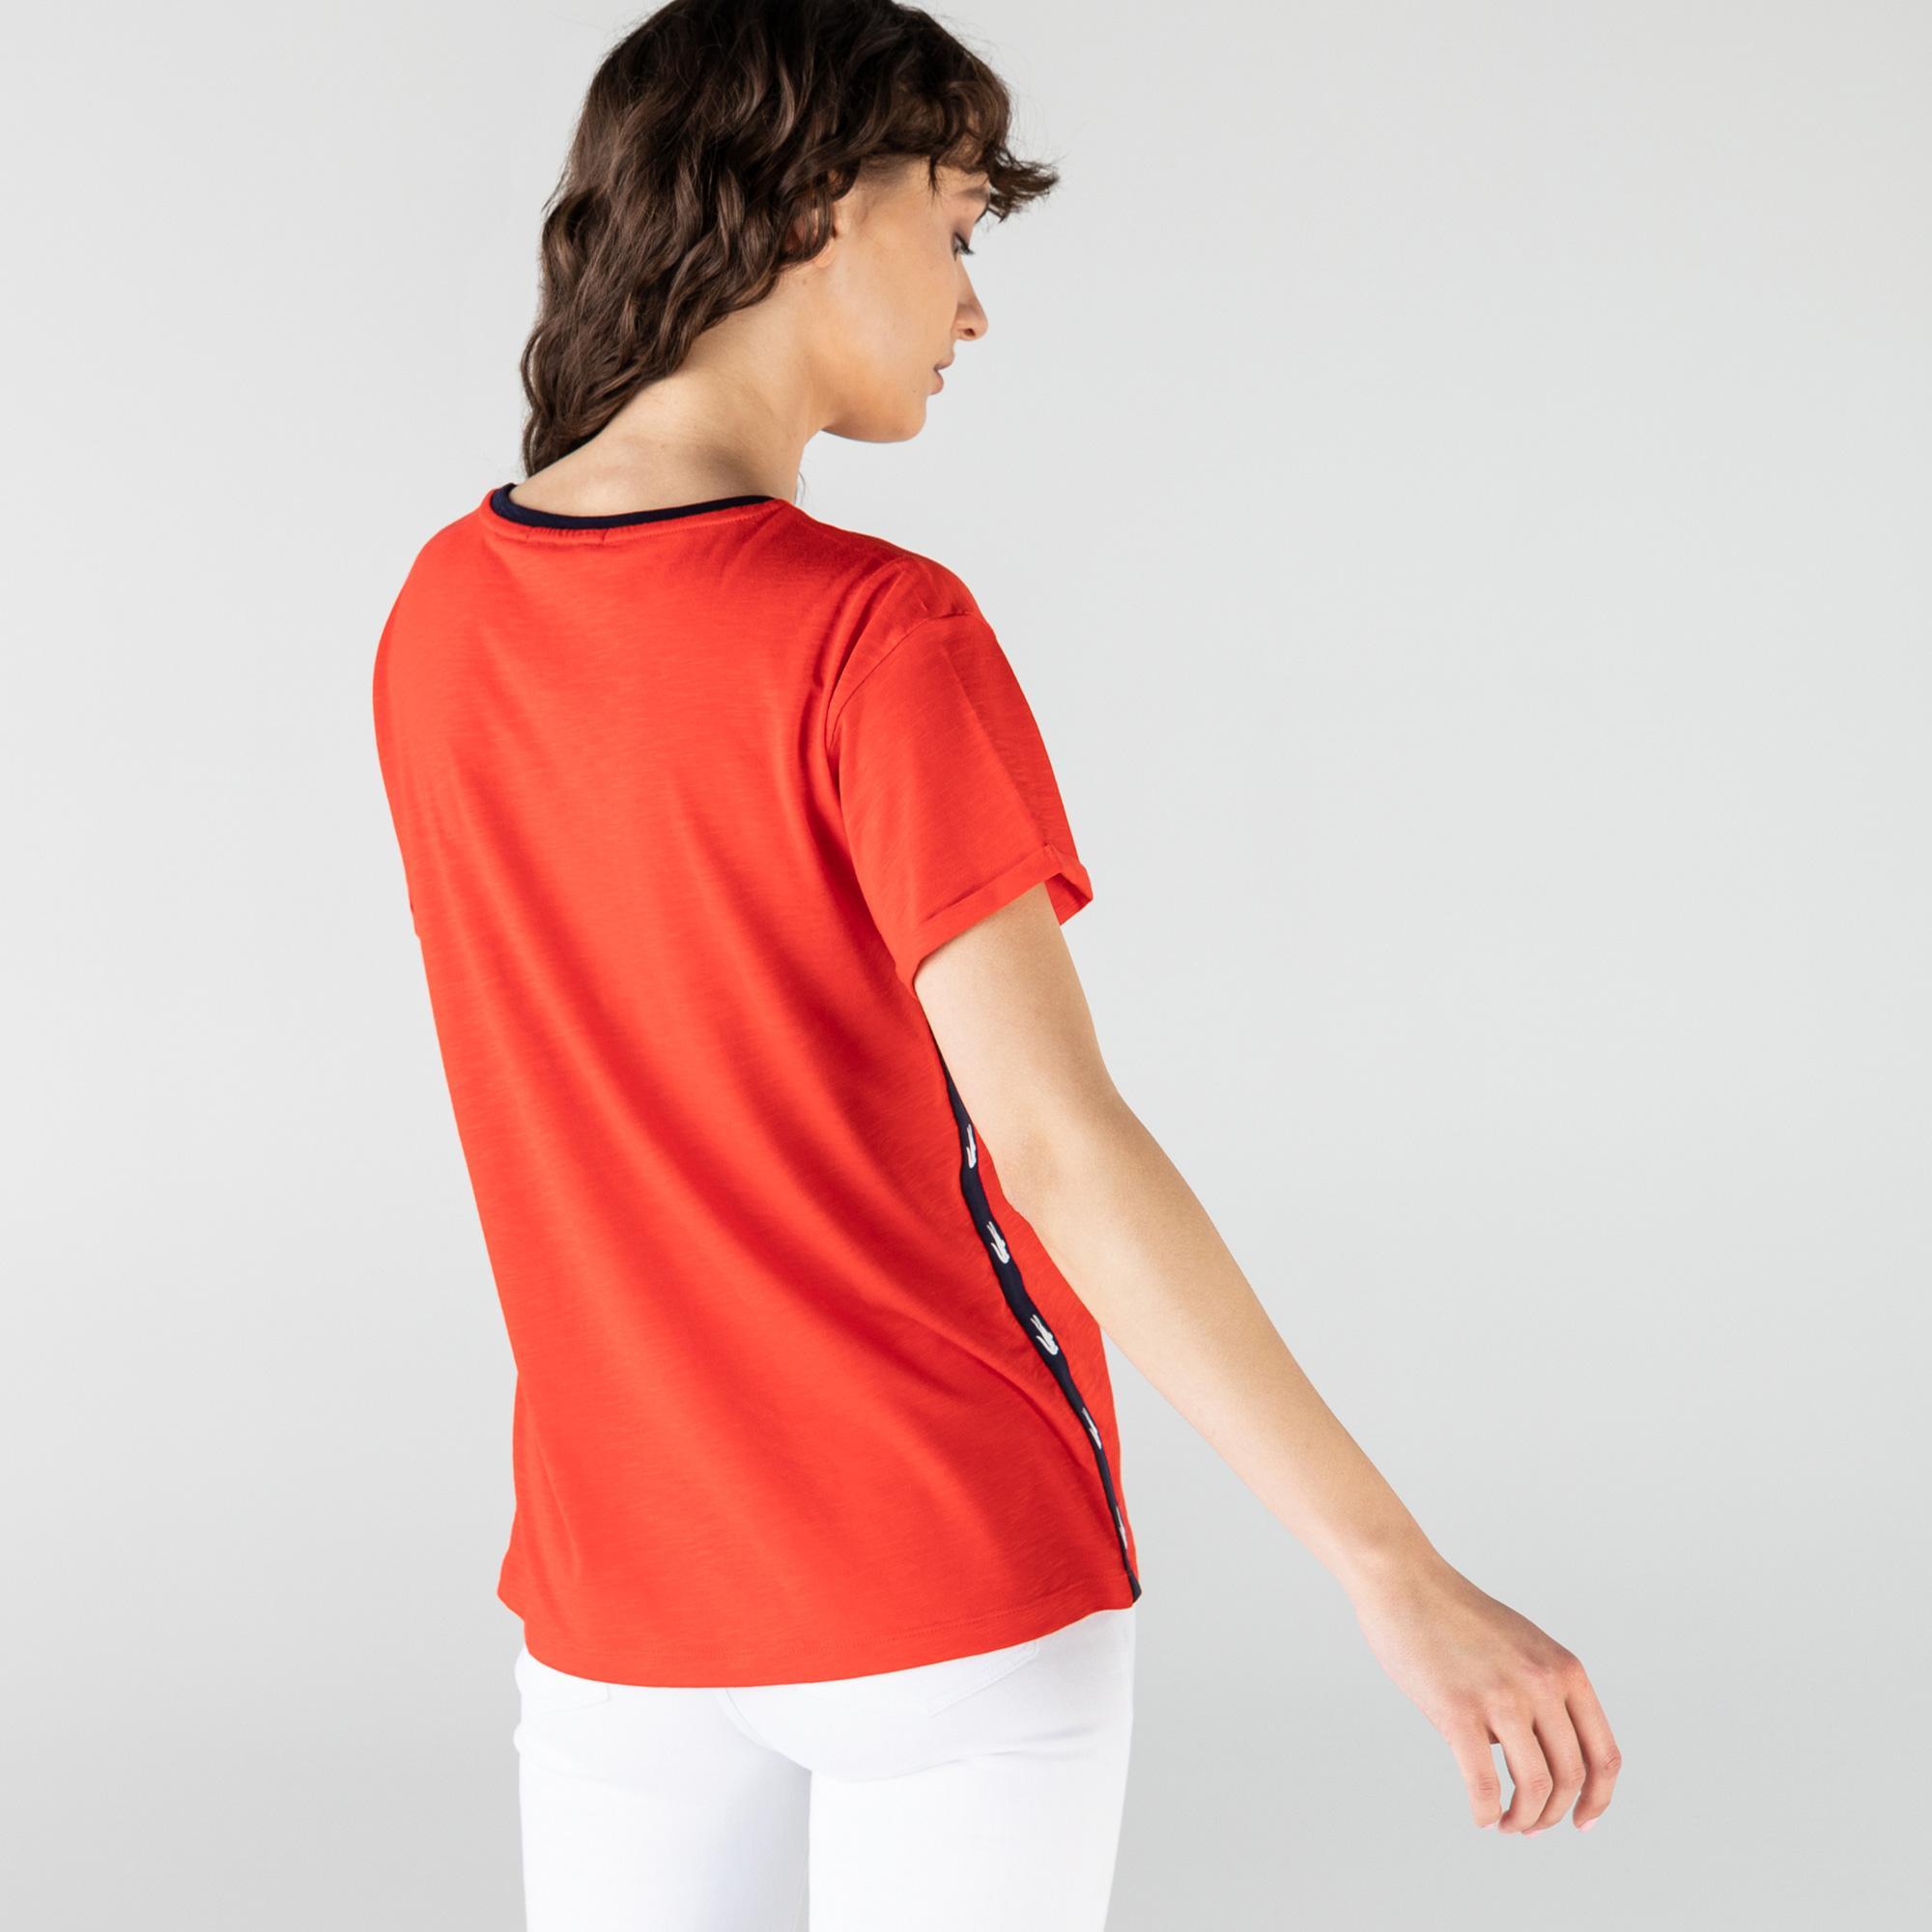 Lacoste Kadın Regular Fit Bisiklet Yaka Kırmızı T-Shirt